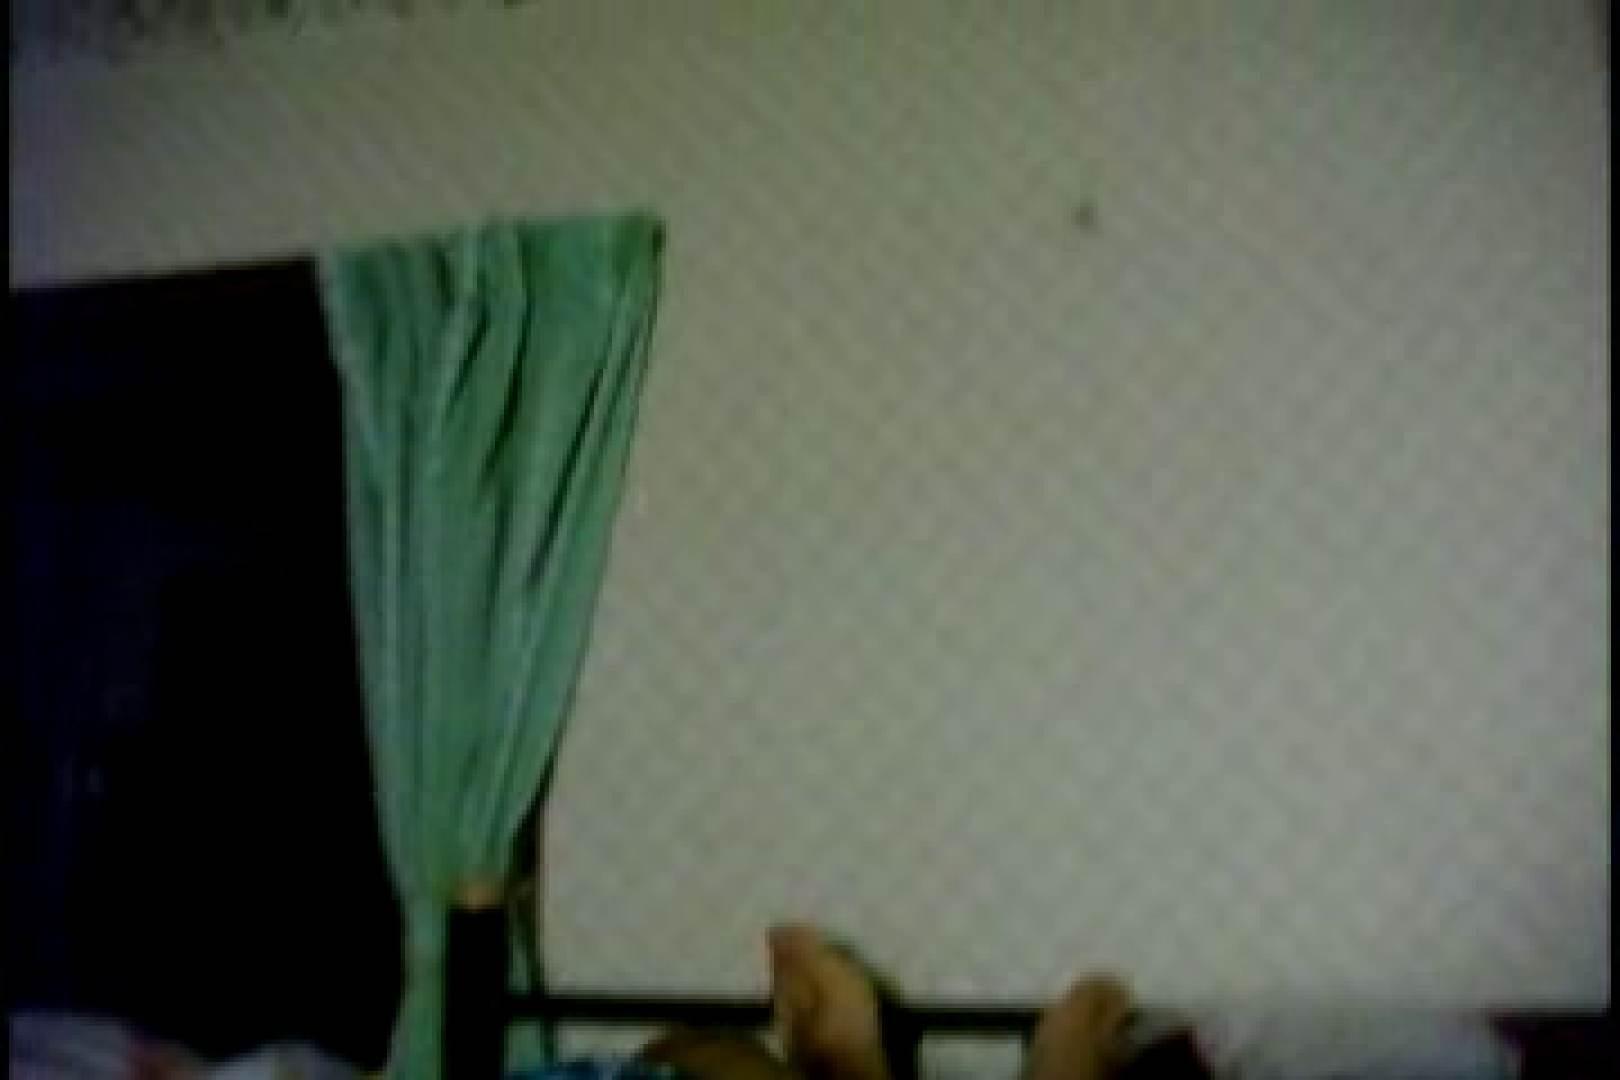 オナ好きノンケテニス部員の自画撮り投稿vol.03 ノンケ君達の・・ ゲイ流出動画キャプチャ 63枚 3